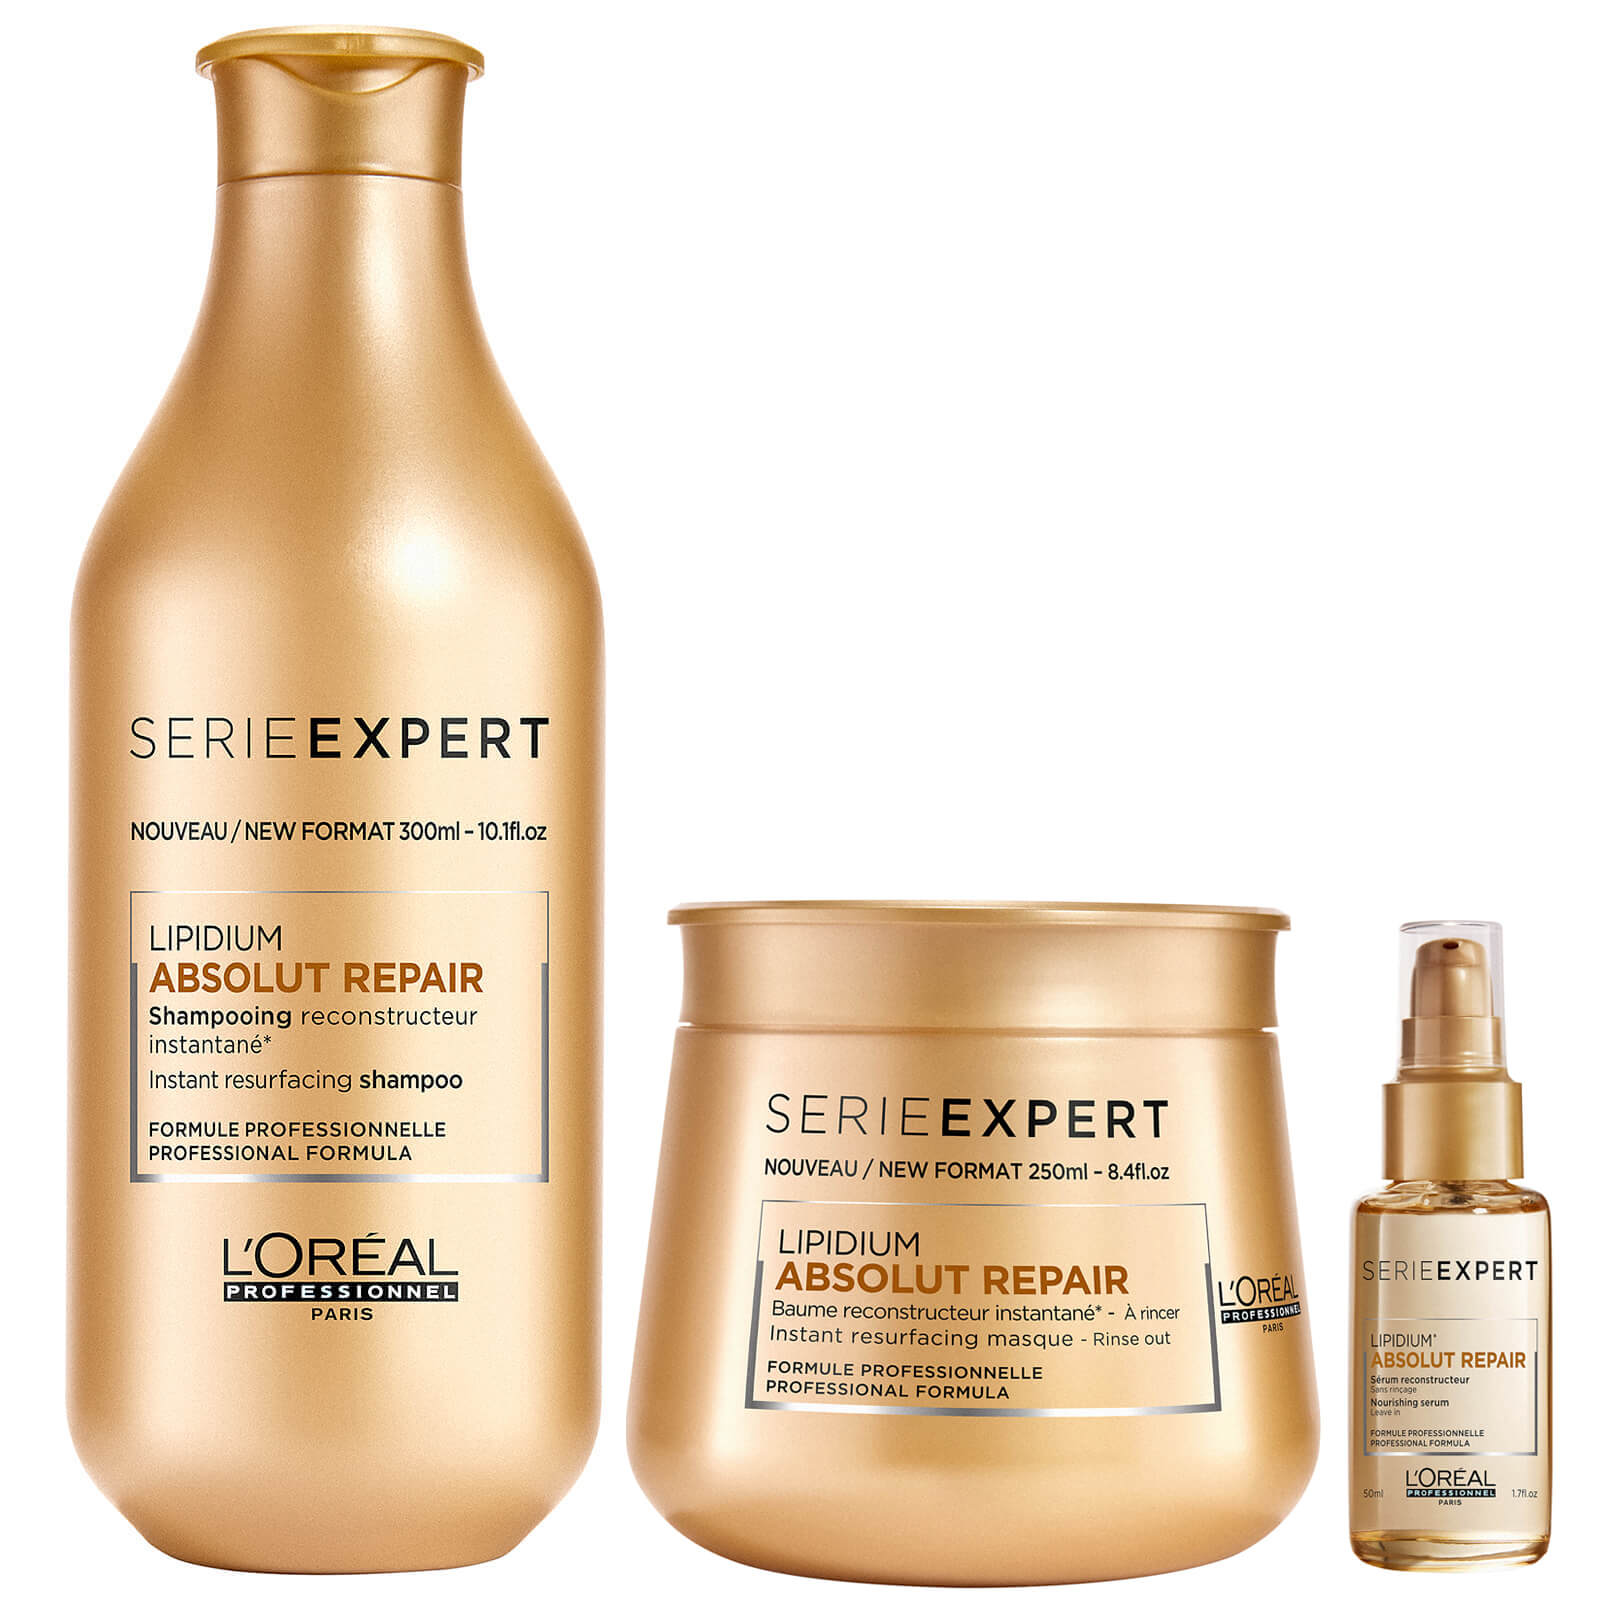 695e1a70a L'Oréal Professionnel Absolut Repair Lipidium Shampoo, Masque and ...